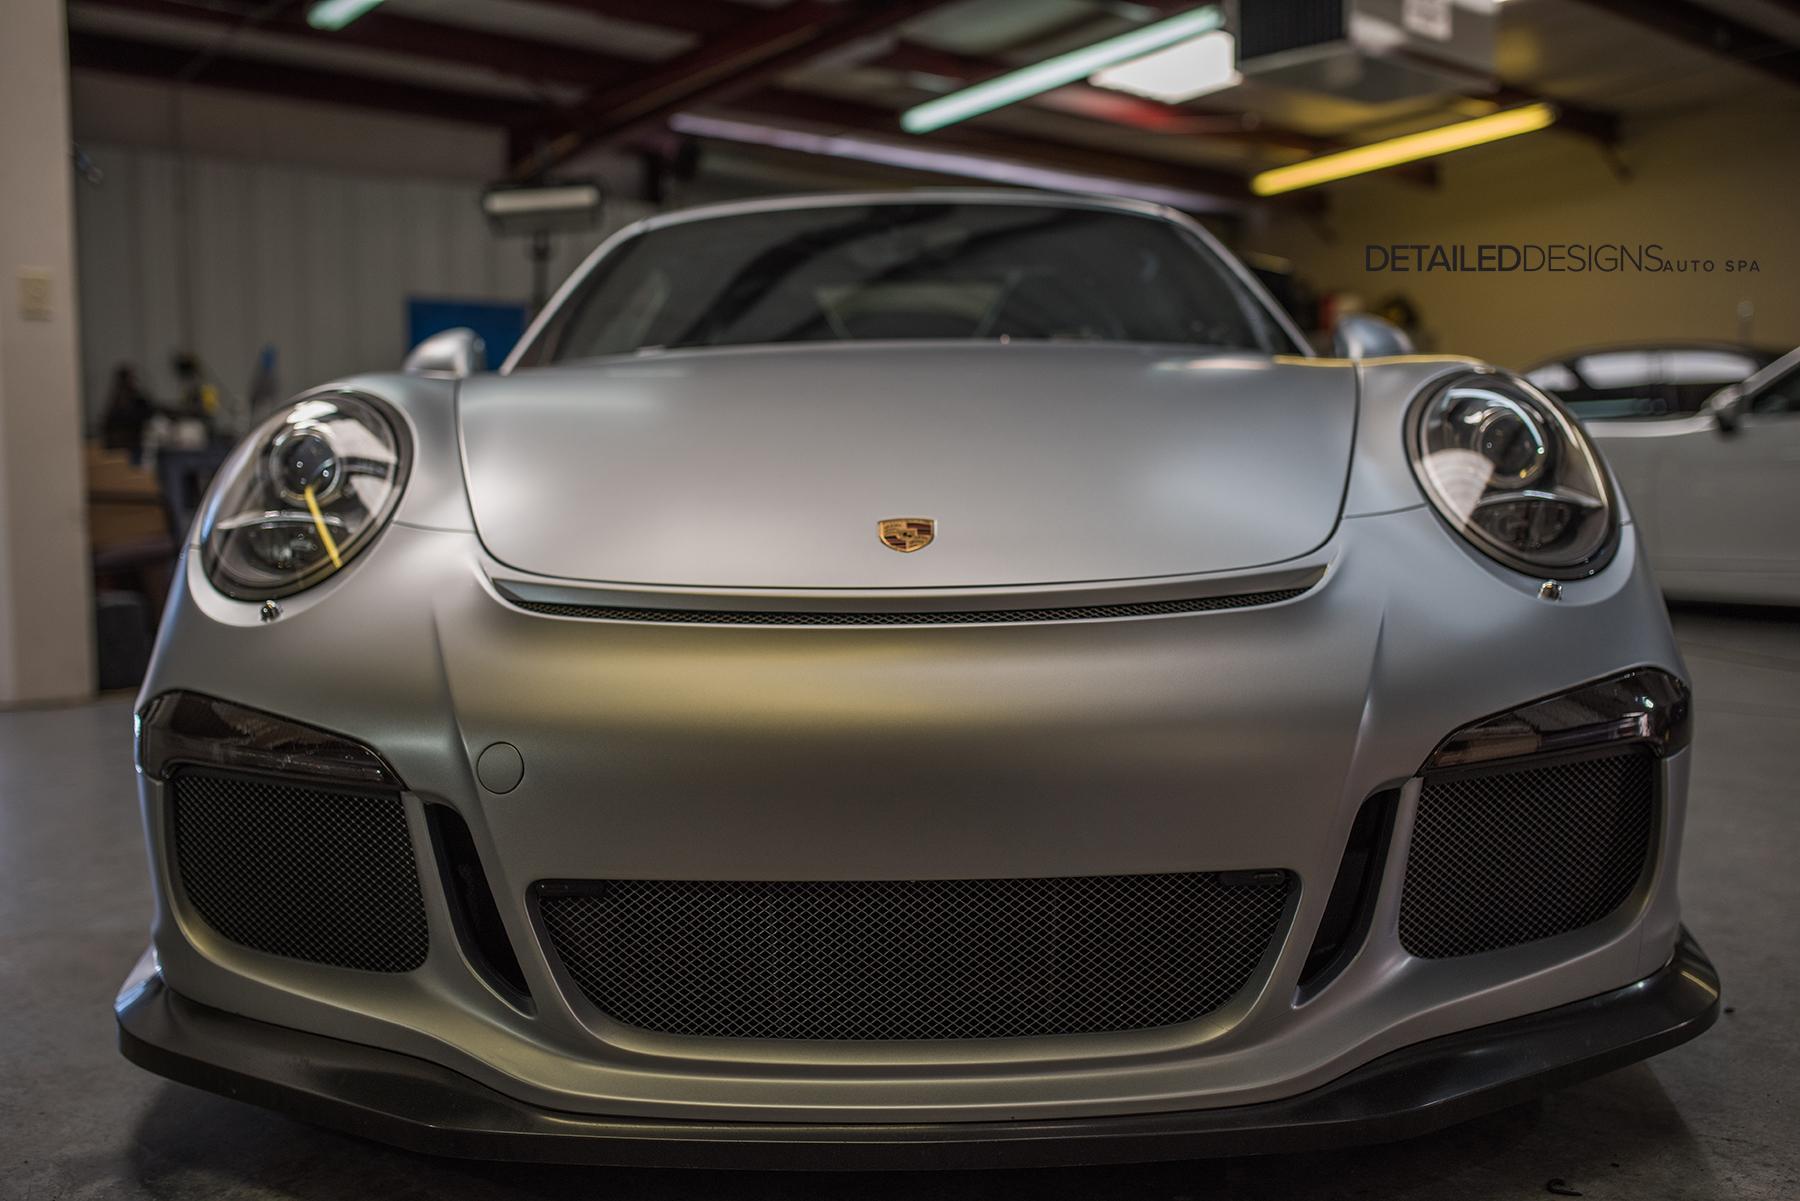 Rhodium Silver Porsche Gt3 Xpel Stealth Wrap Atlanta